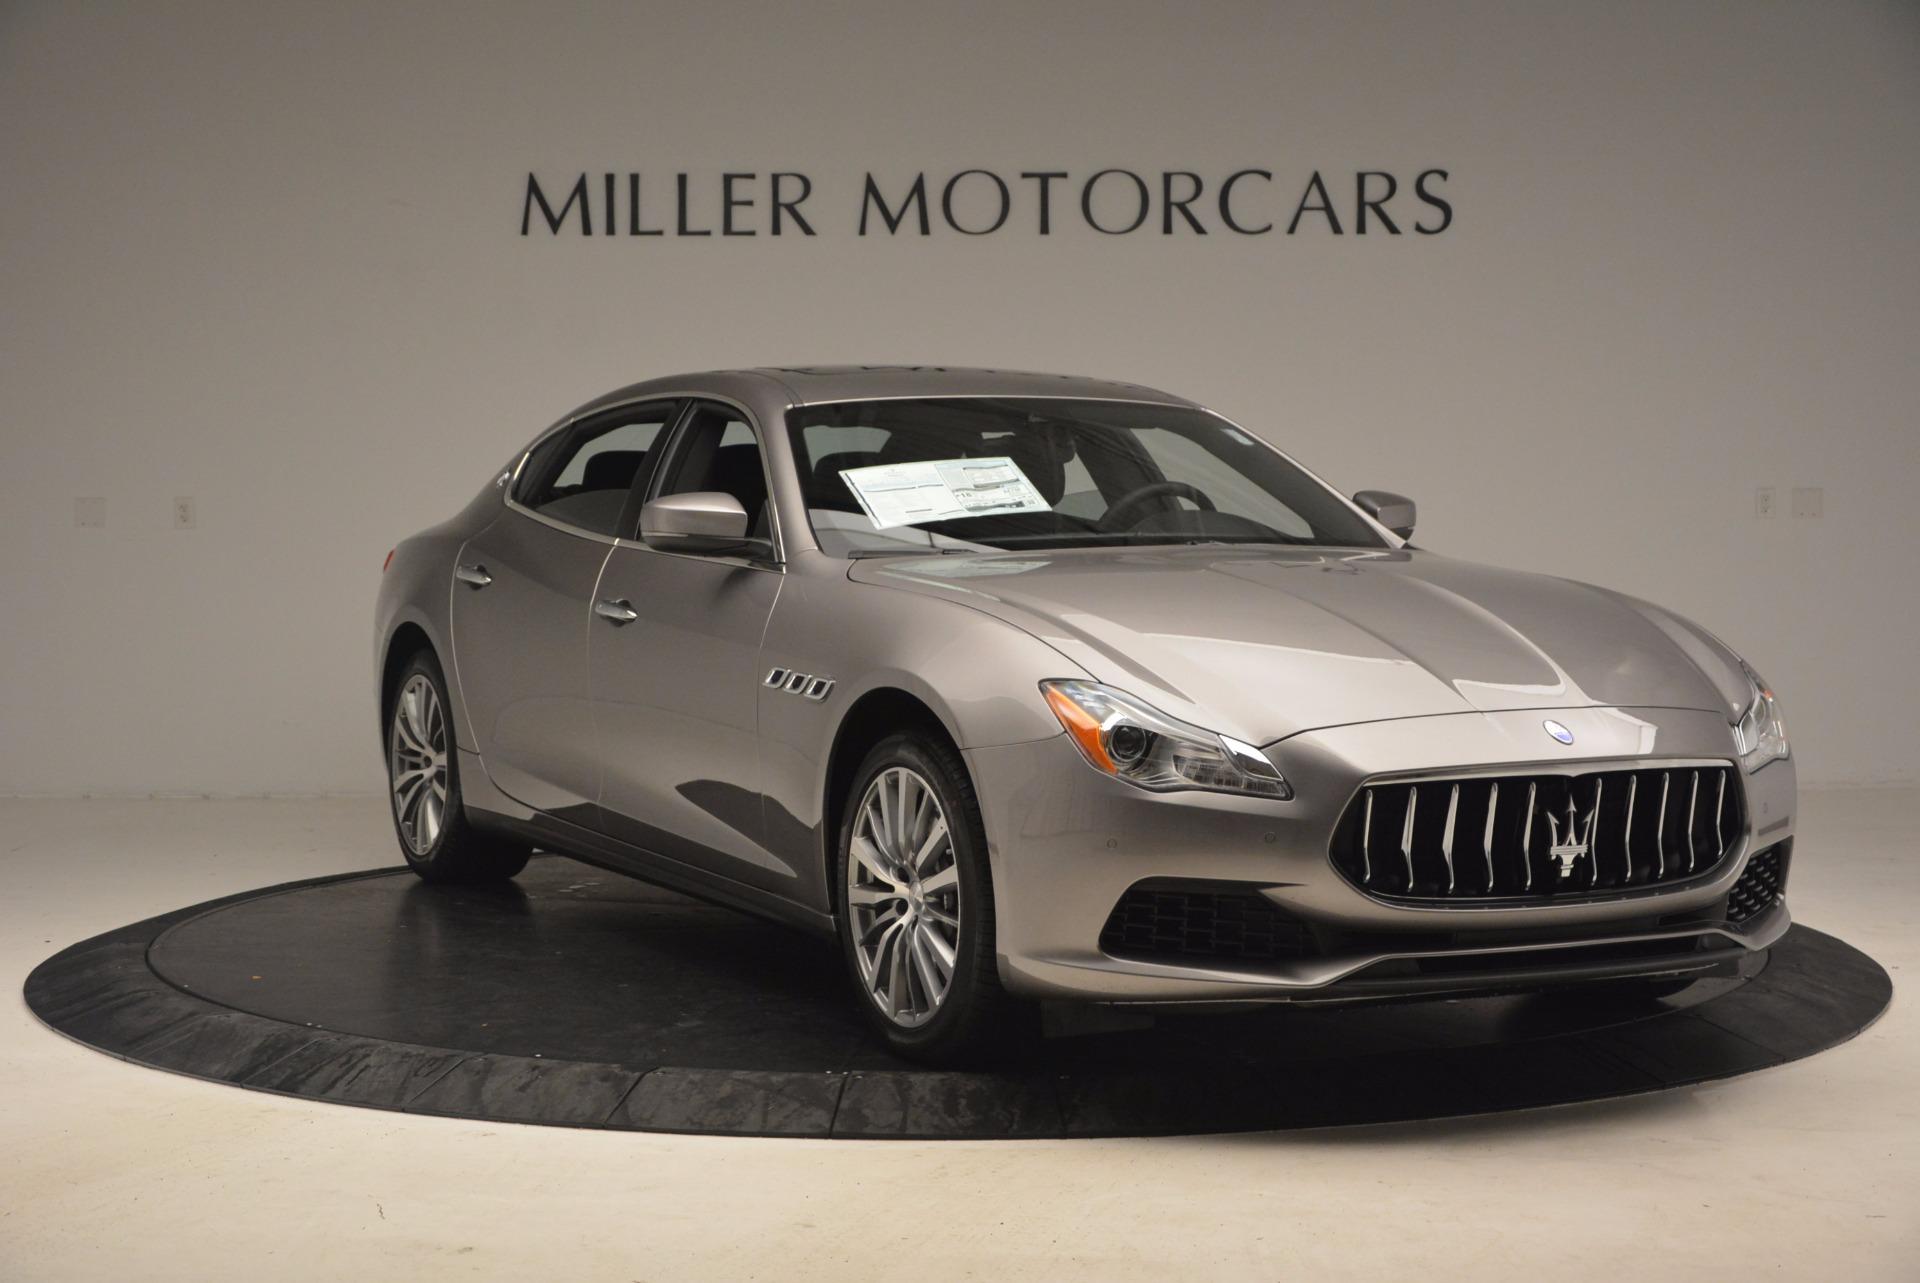 New 2017 Maserati Quattroporte SQ4 For Sale In Greenwich, CT 1066_p11